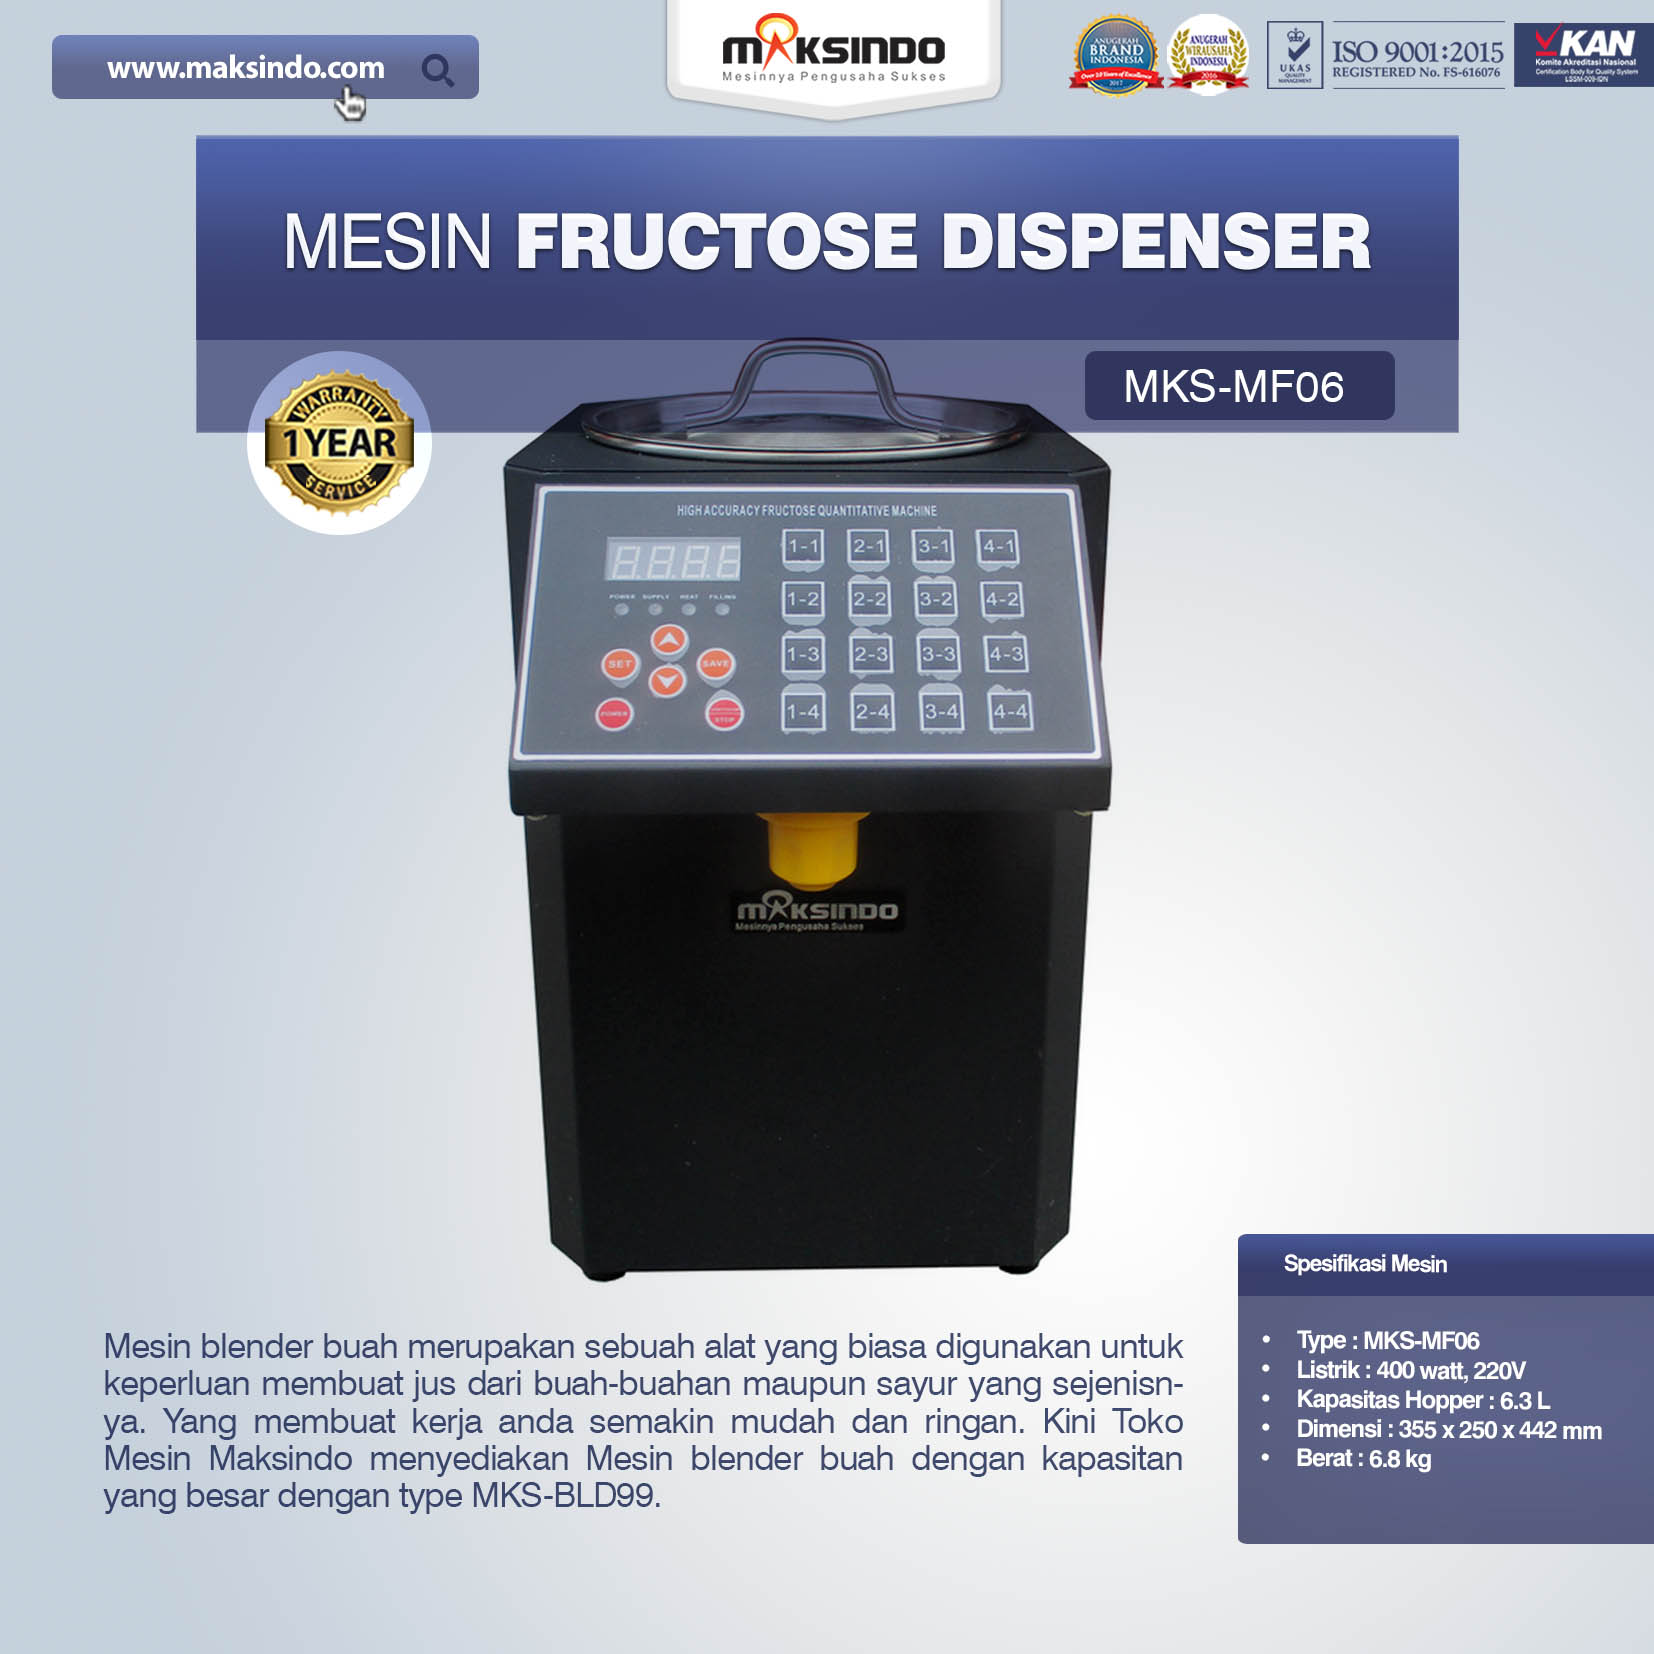 Jual Mesin Fructose Dispenser MKS-MF06 Di Solo